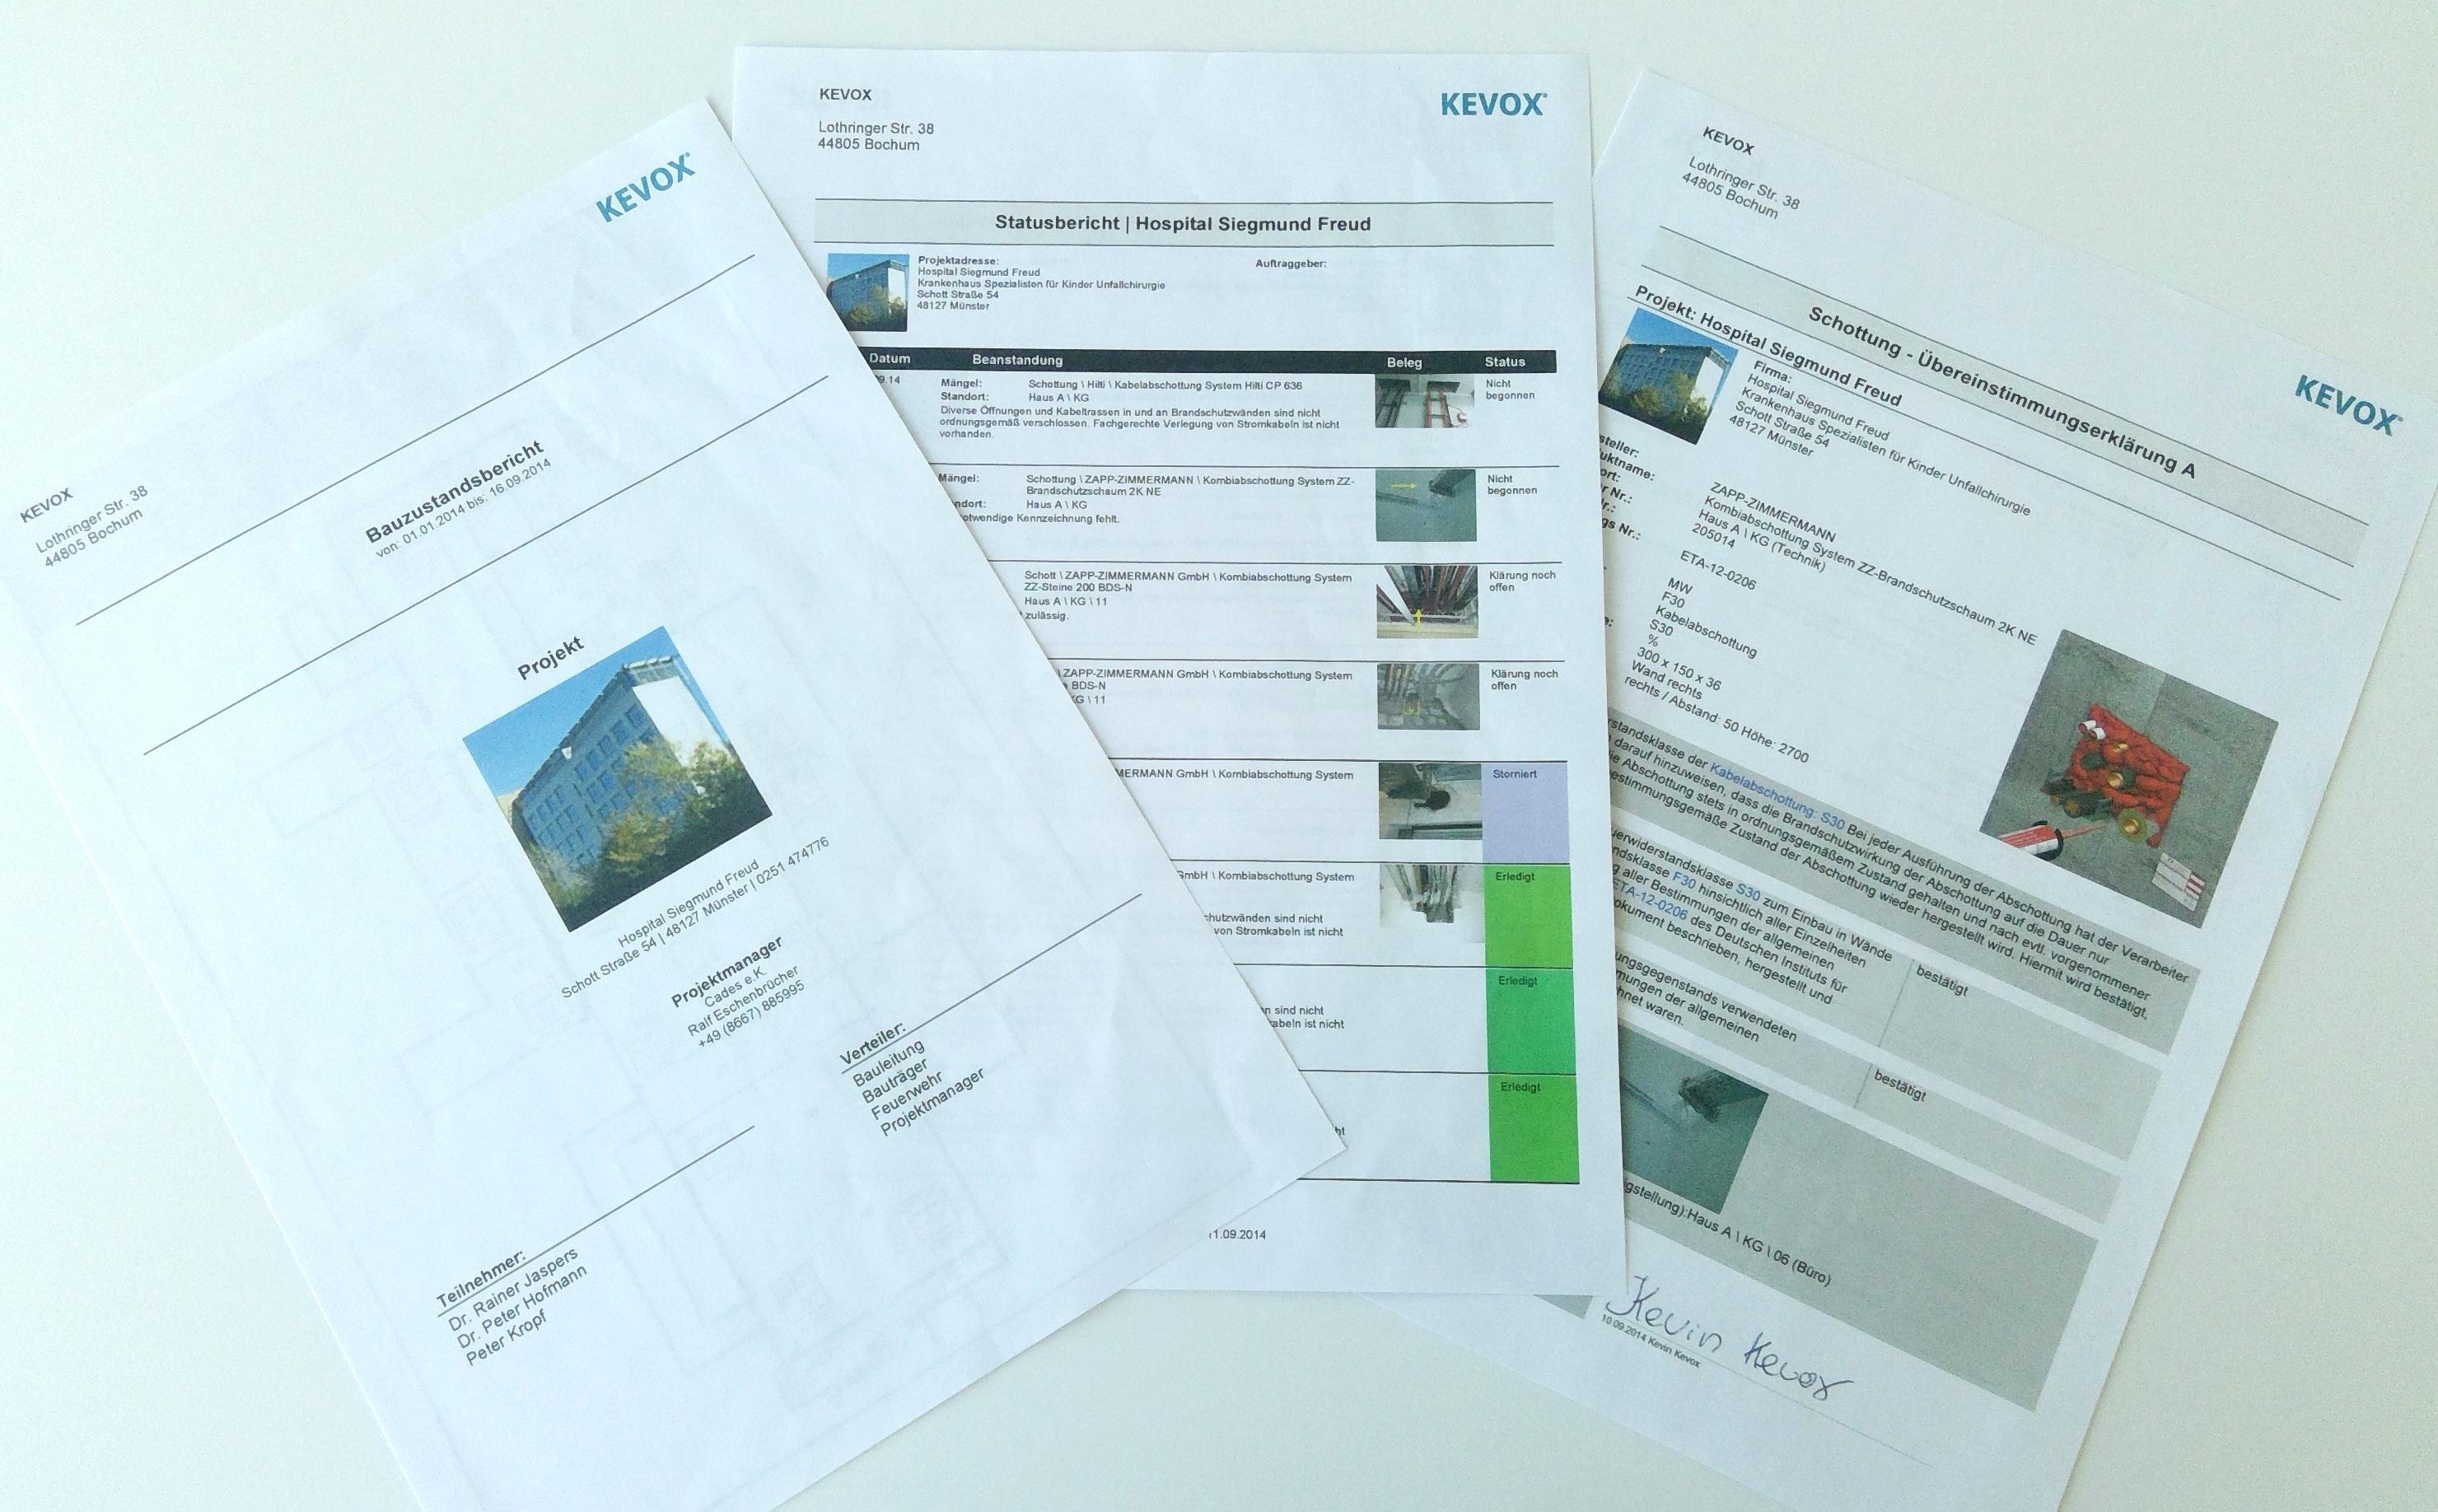 Schott-Bericht-übereinstimmungserklärung mit kevox automatisch erstellen